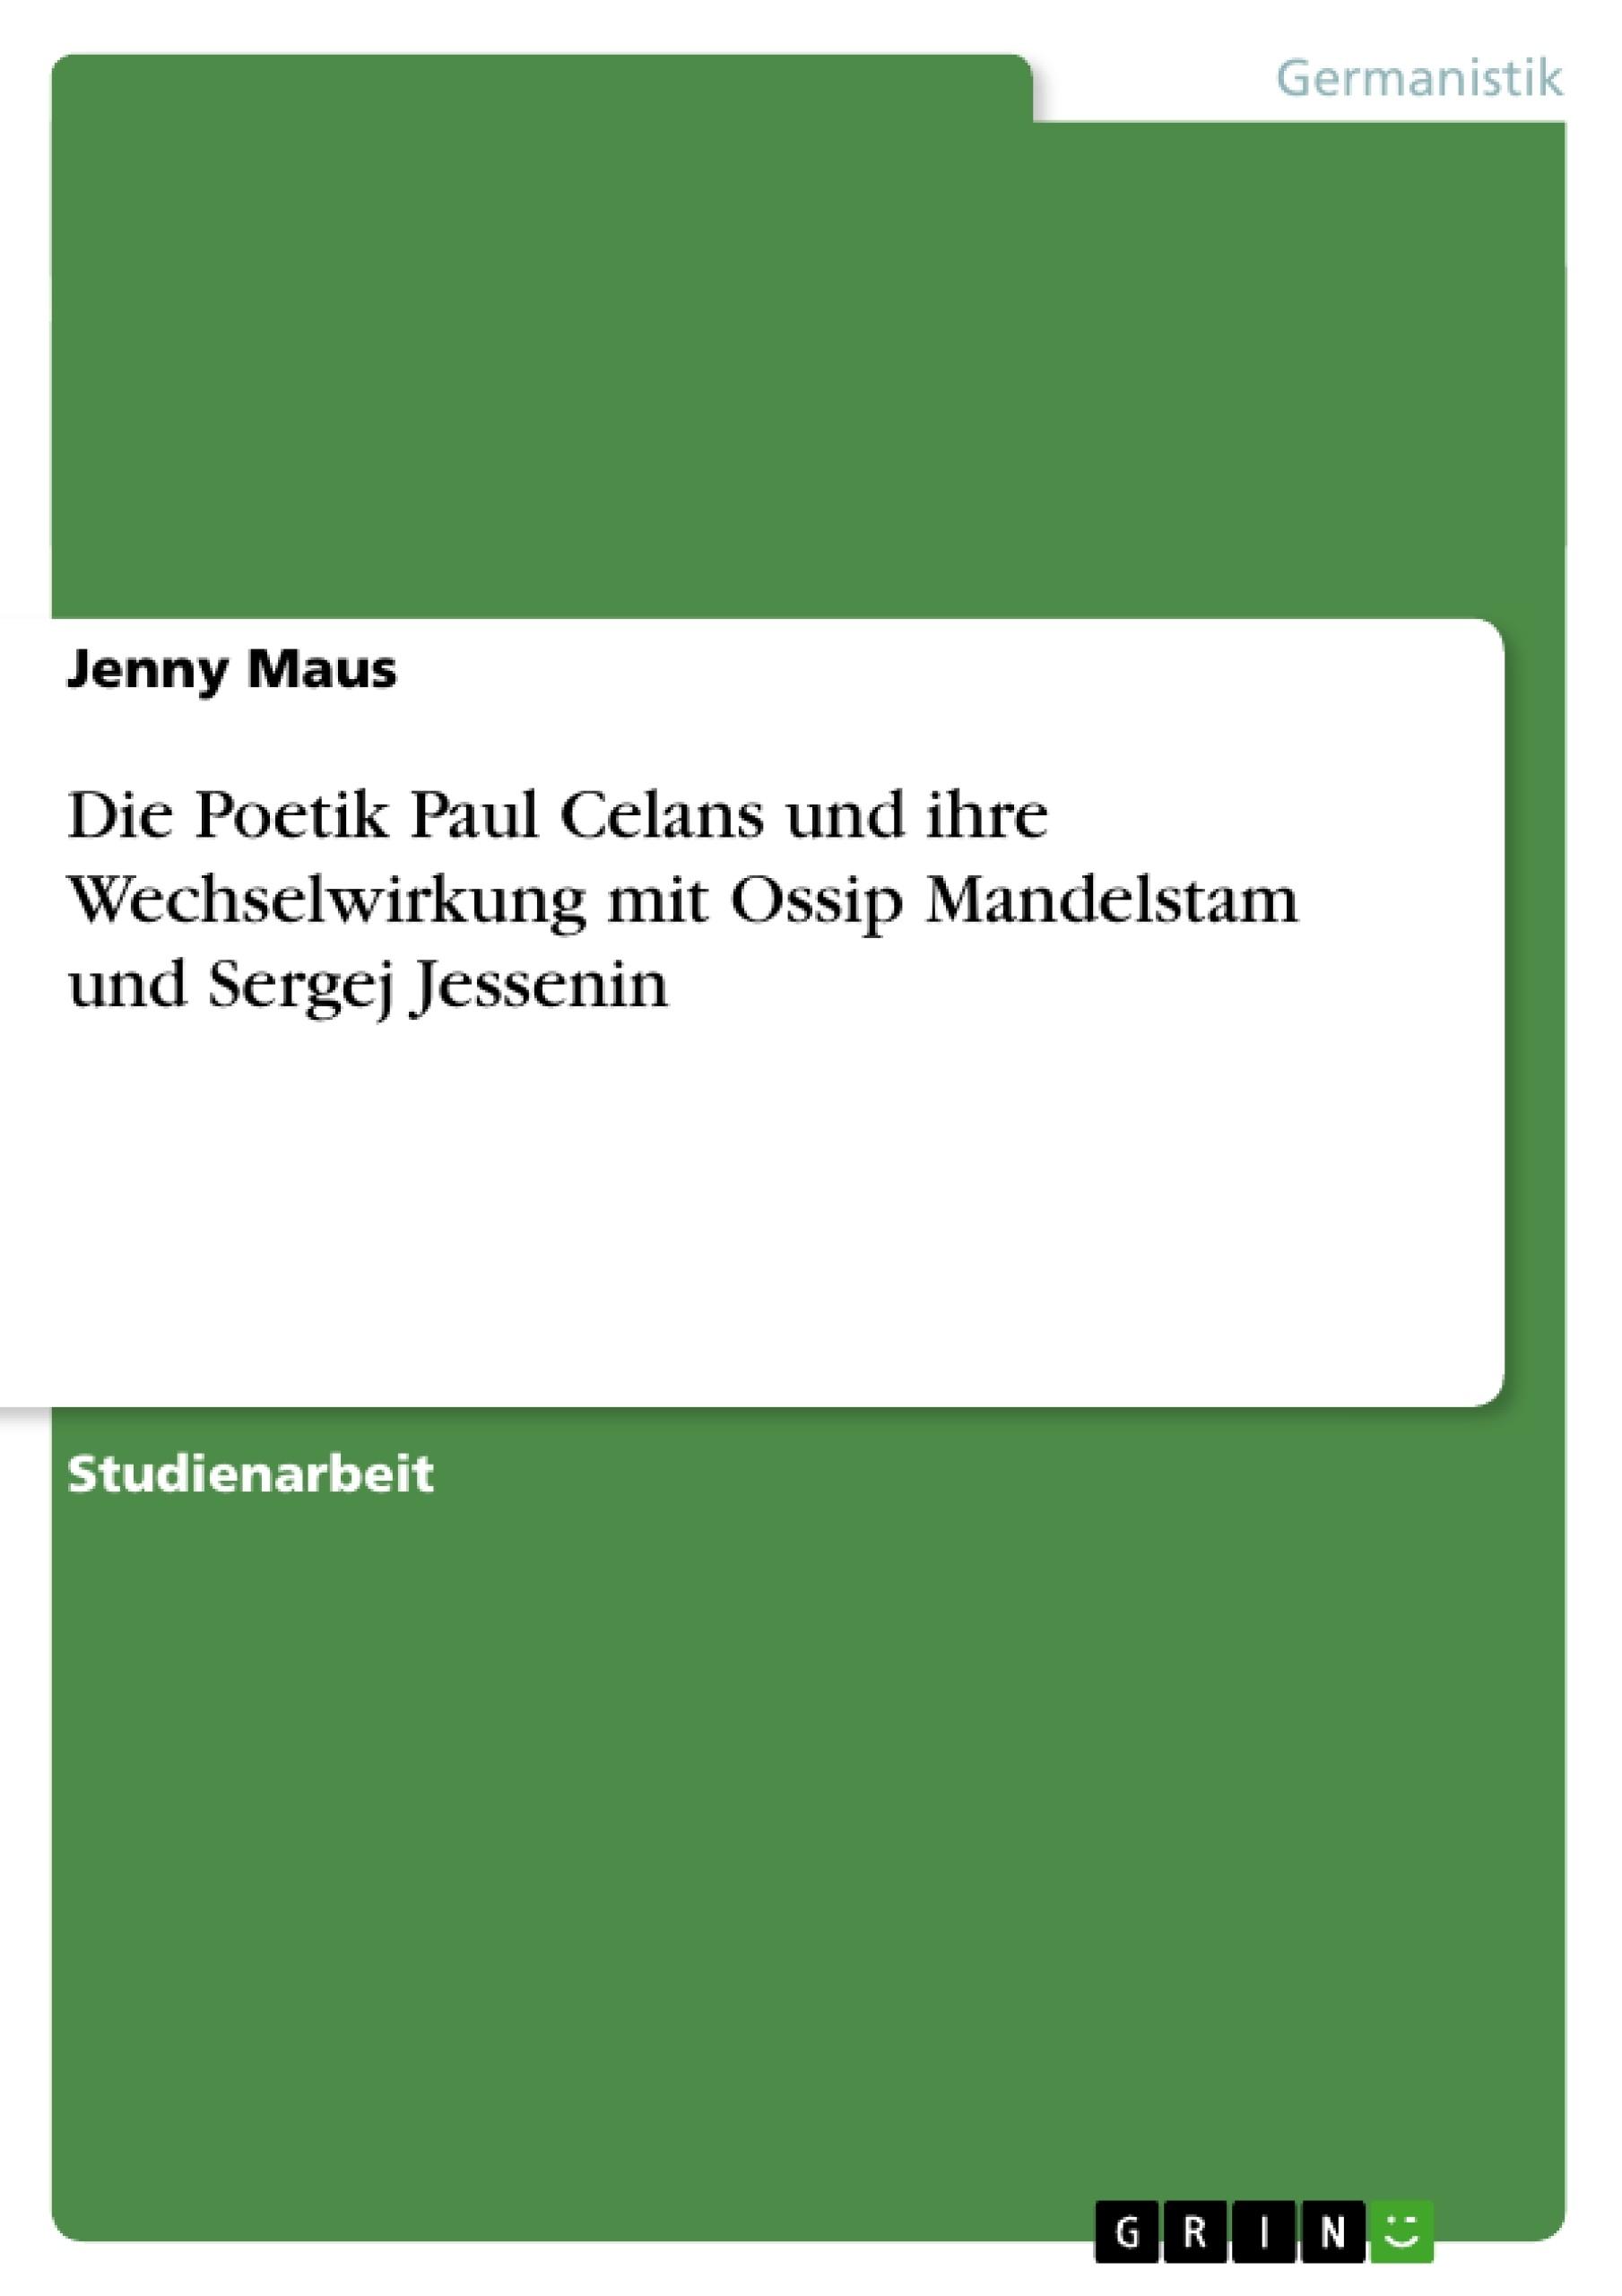 Titel: Die Poetik Paul Celans und ihre Wechselwirkung mit Ossip Mandelstam und Sergej Jessenin